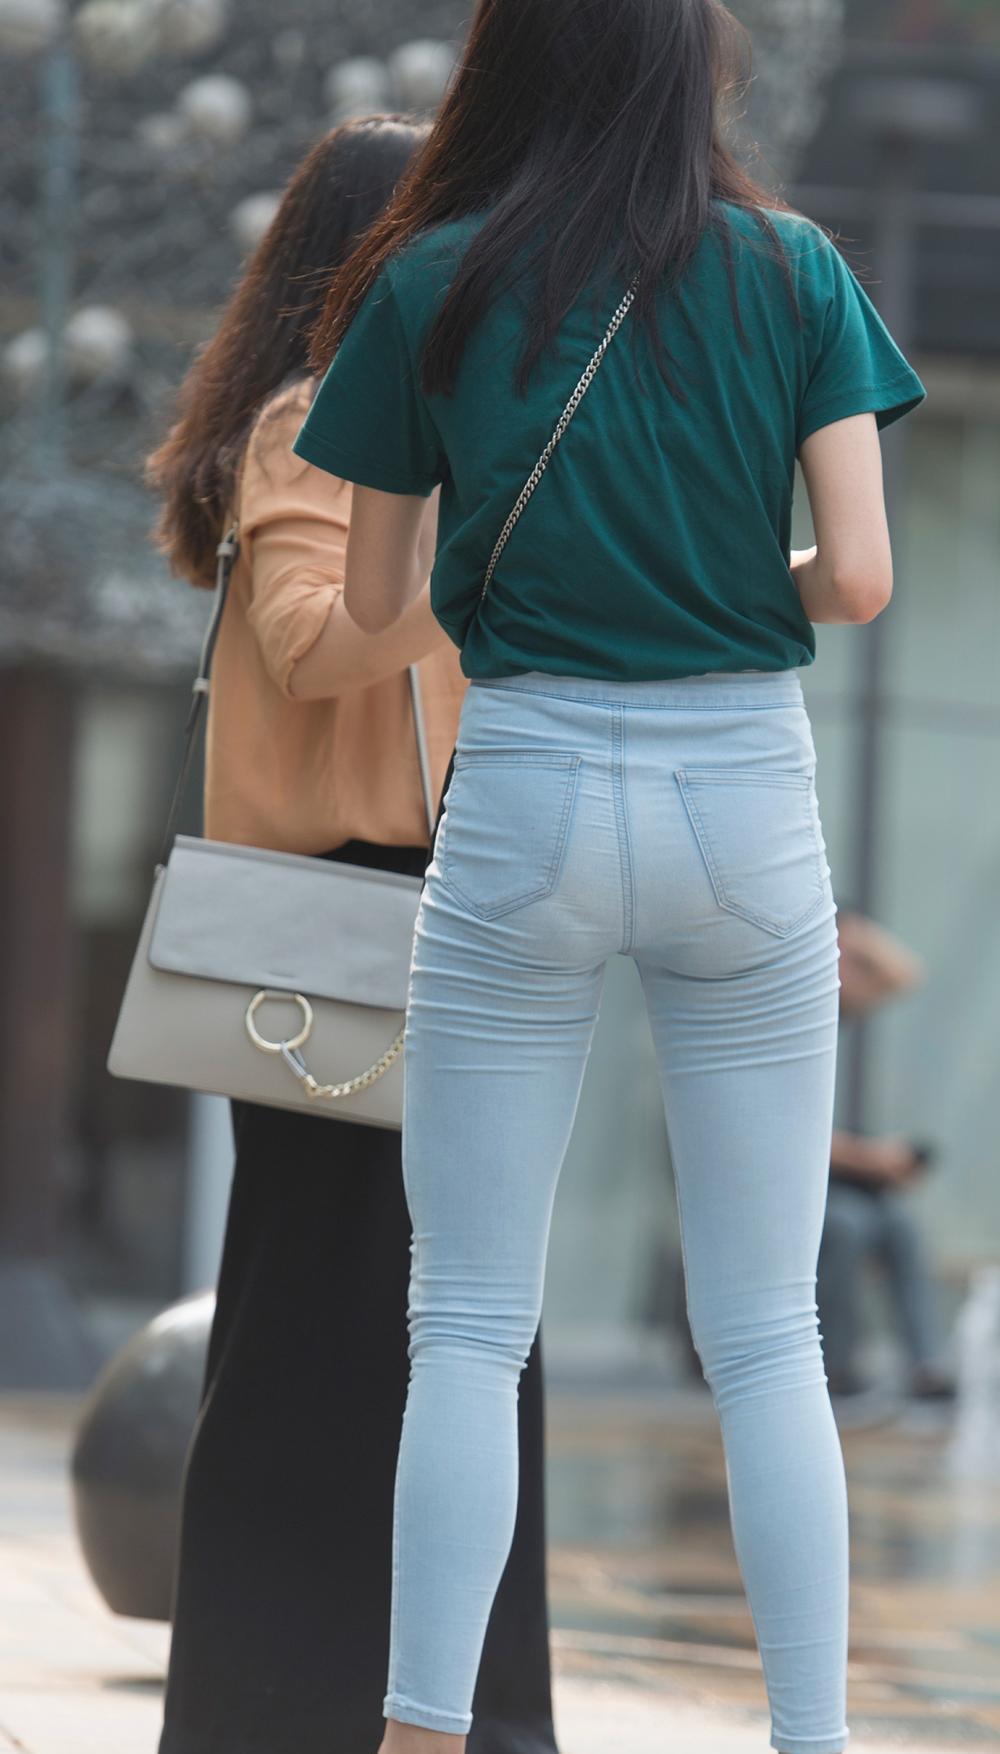 街拍时尚: 穿着紧身裤光脚喷泉边戏水的少妇, 开心的像个孩子